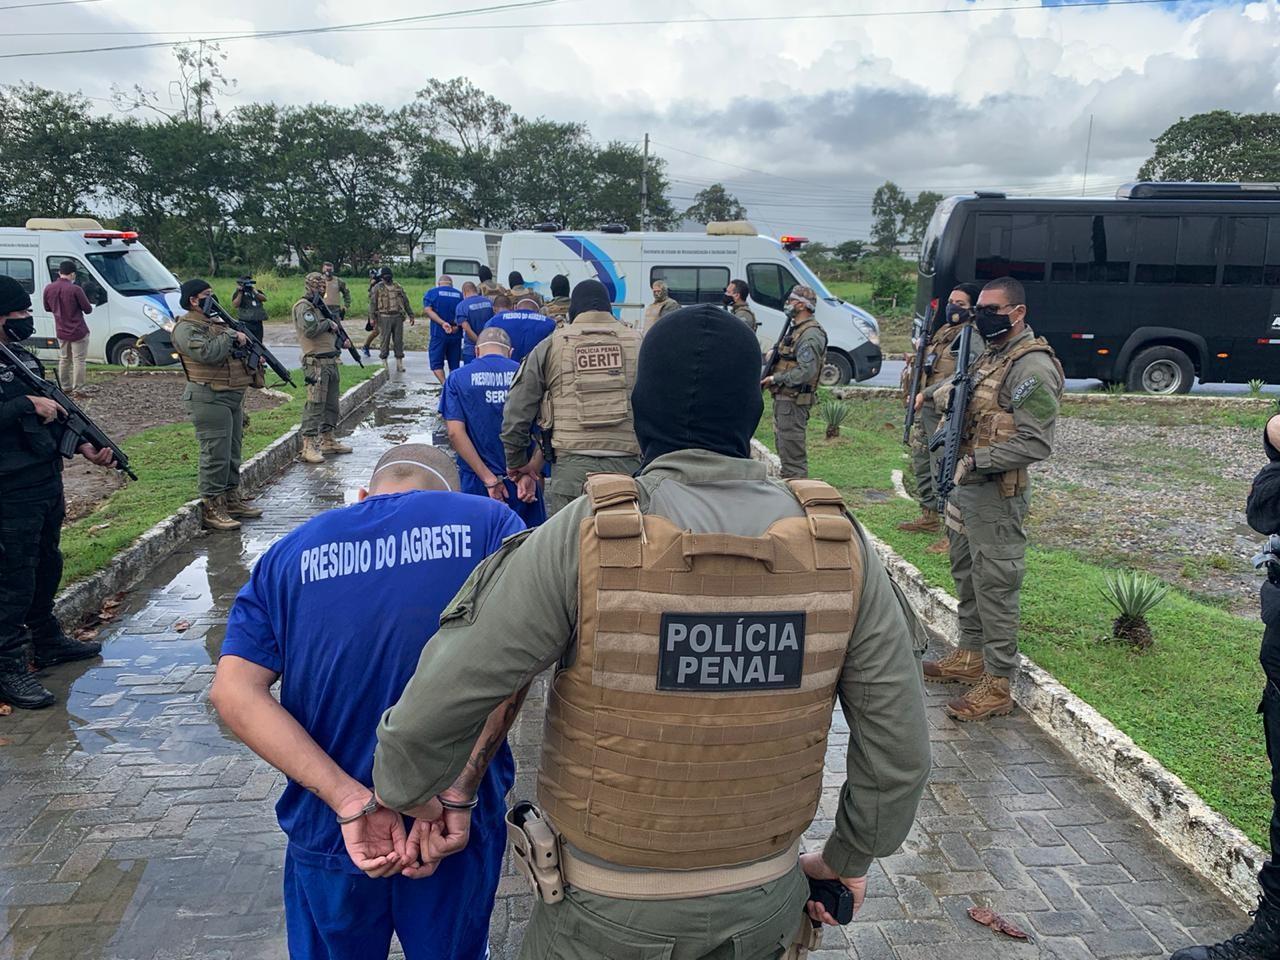 Presos da operação Flashback II são transferidos do sistema prisional da capital para Presídio do Agreste, em AL